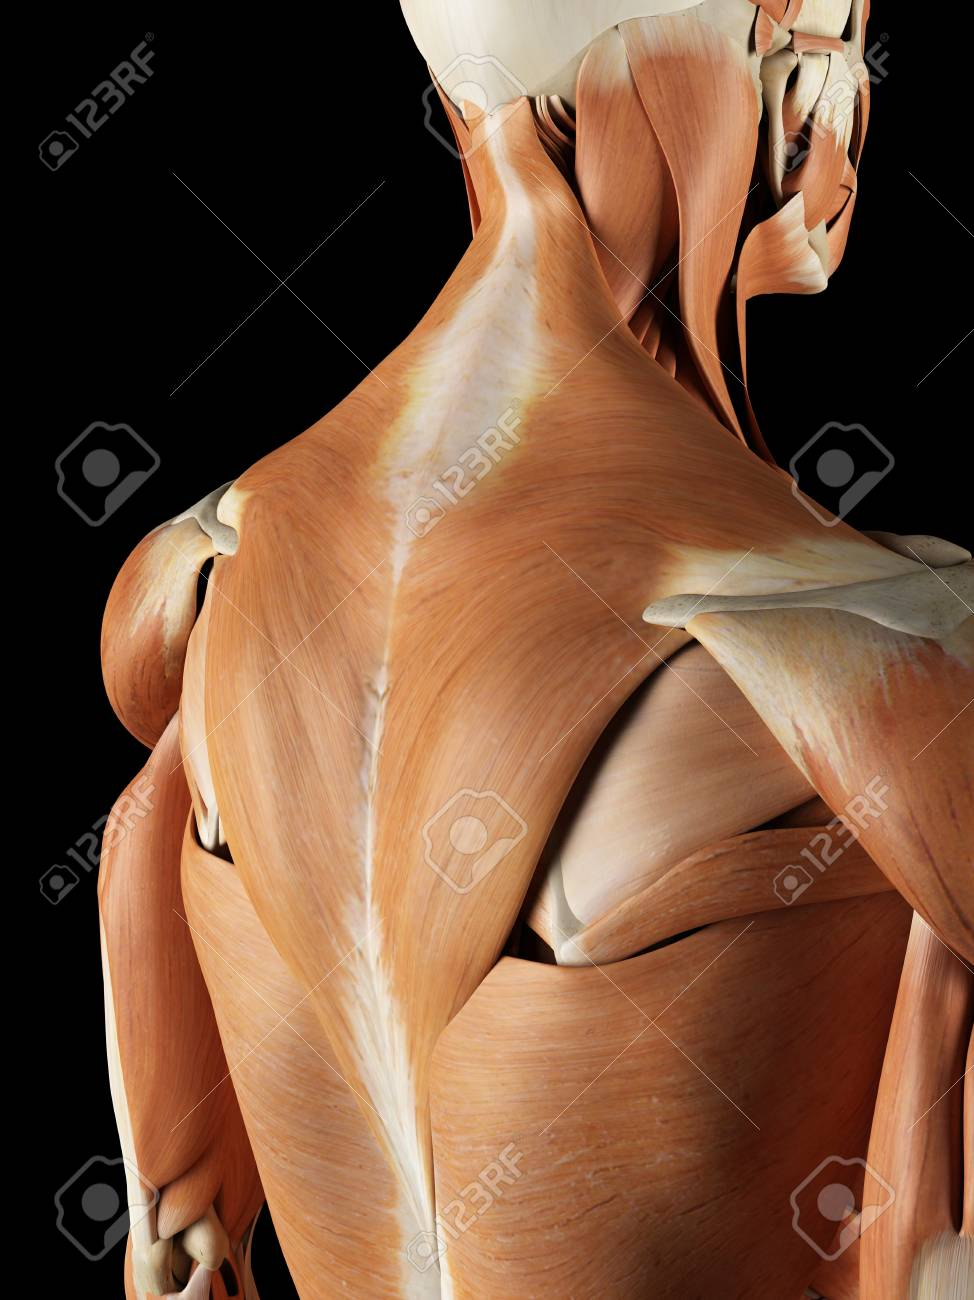 Encantador Diagrama De Los Músculos De La Espalda Friso - Imágenes ...